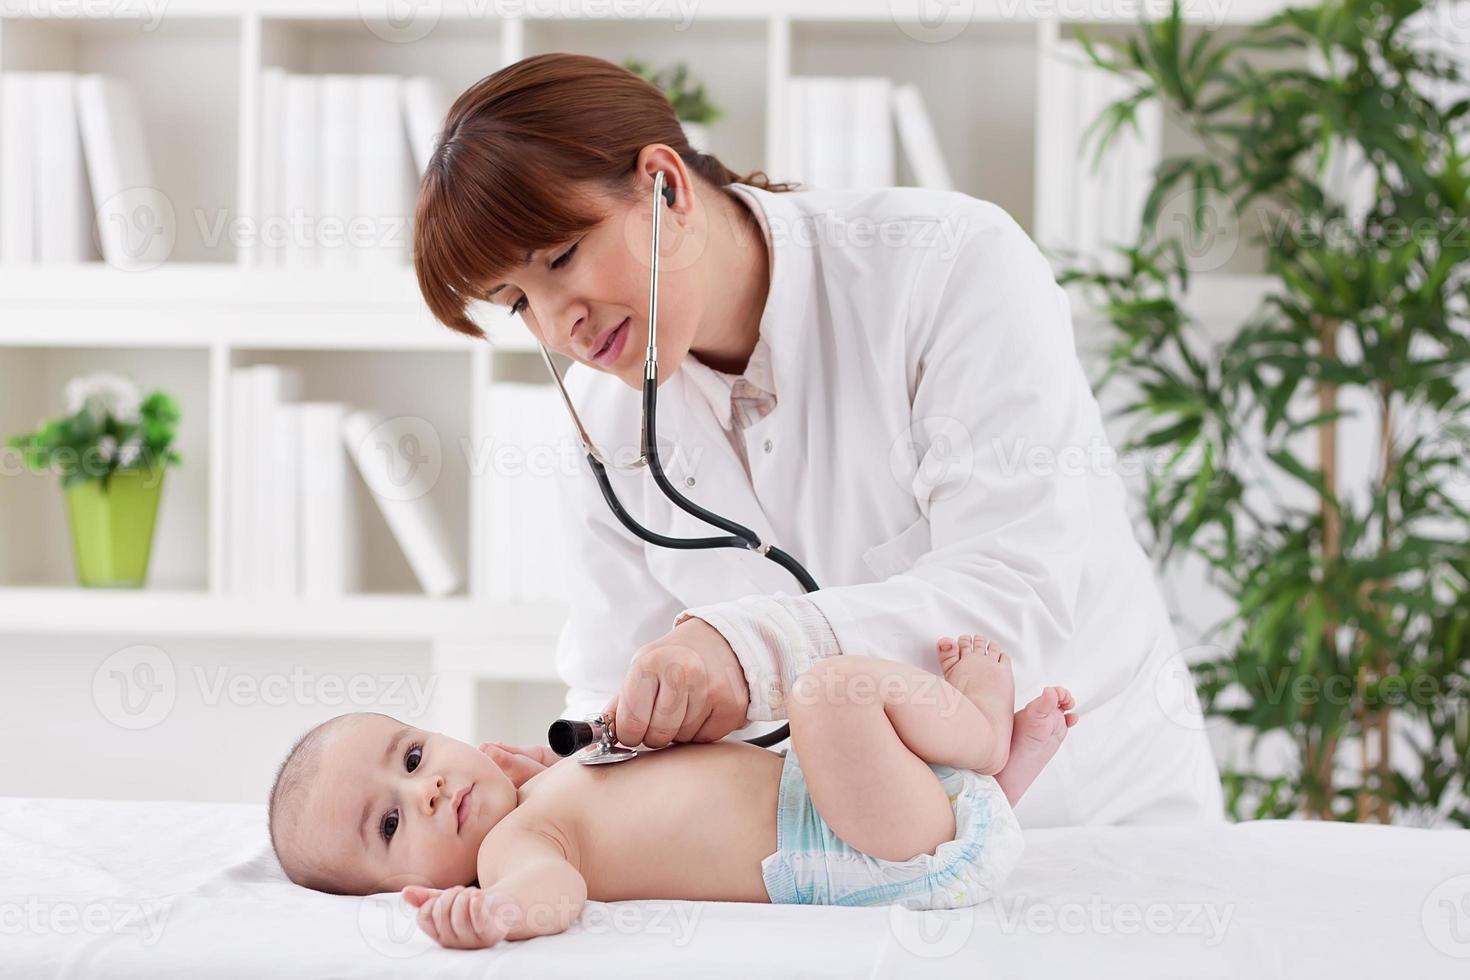 jovem médico feminino examinando um paciente bebê foto